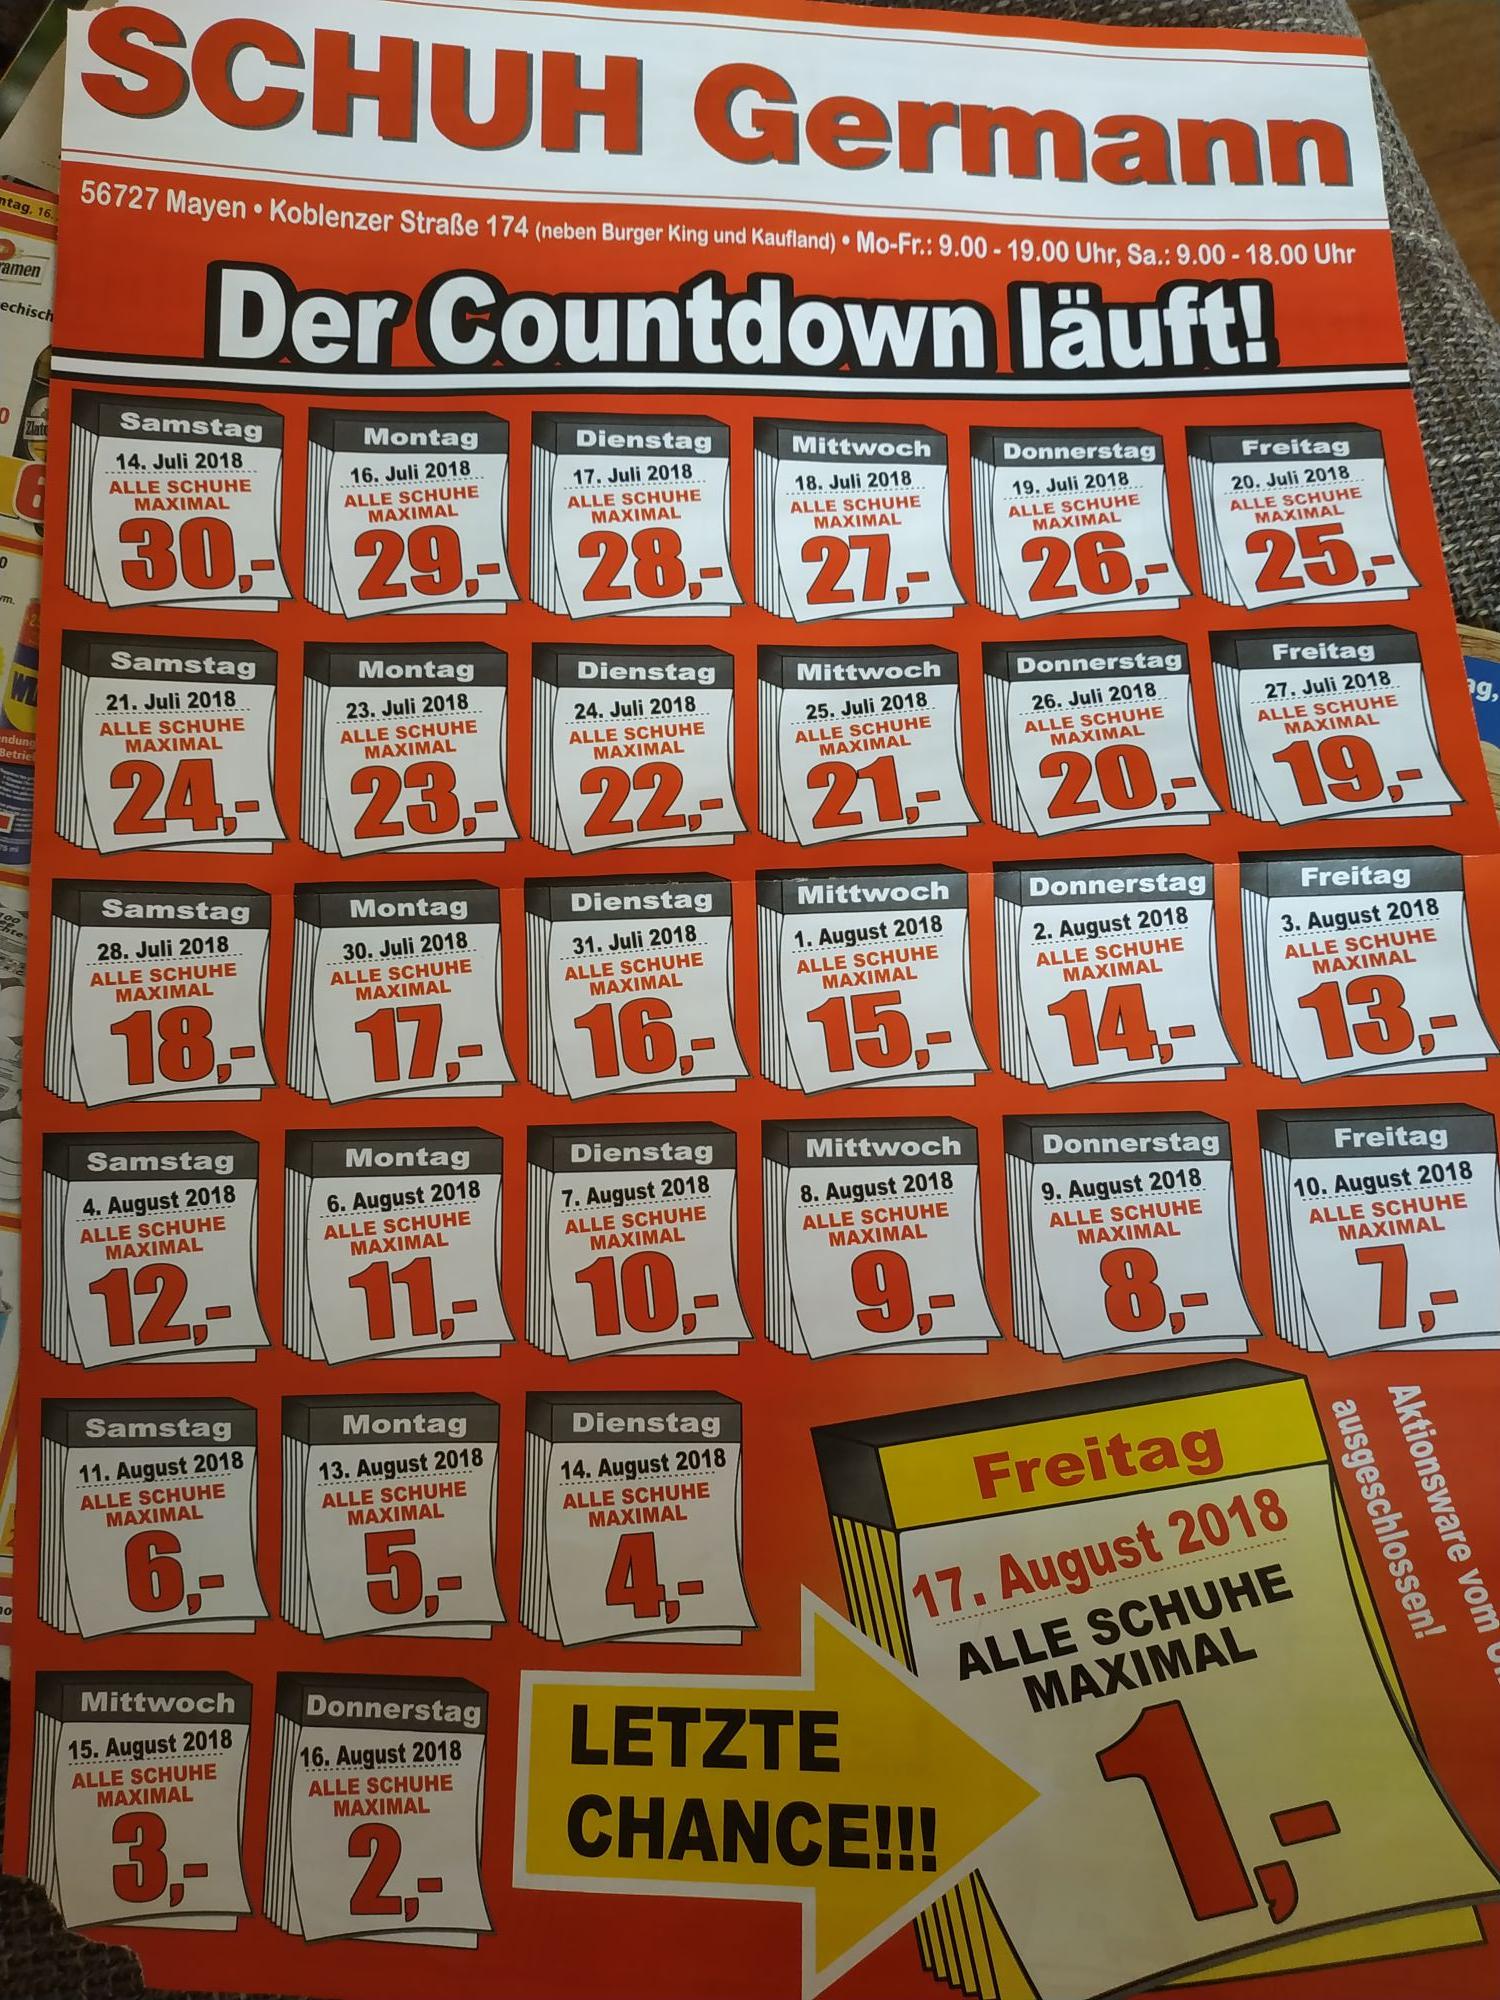 [LOKAL MAYEN] Schuh Germann alle Schuhe jeden Tag 1€ billiger bis 1€